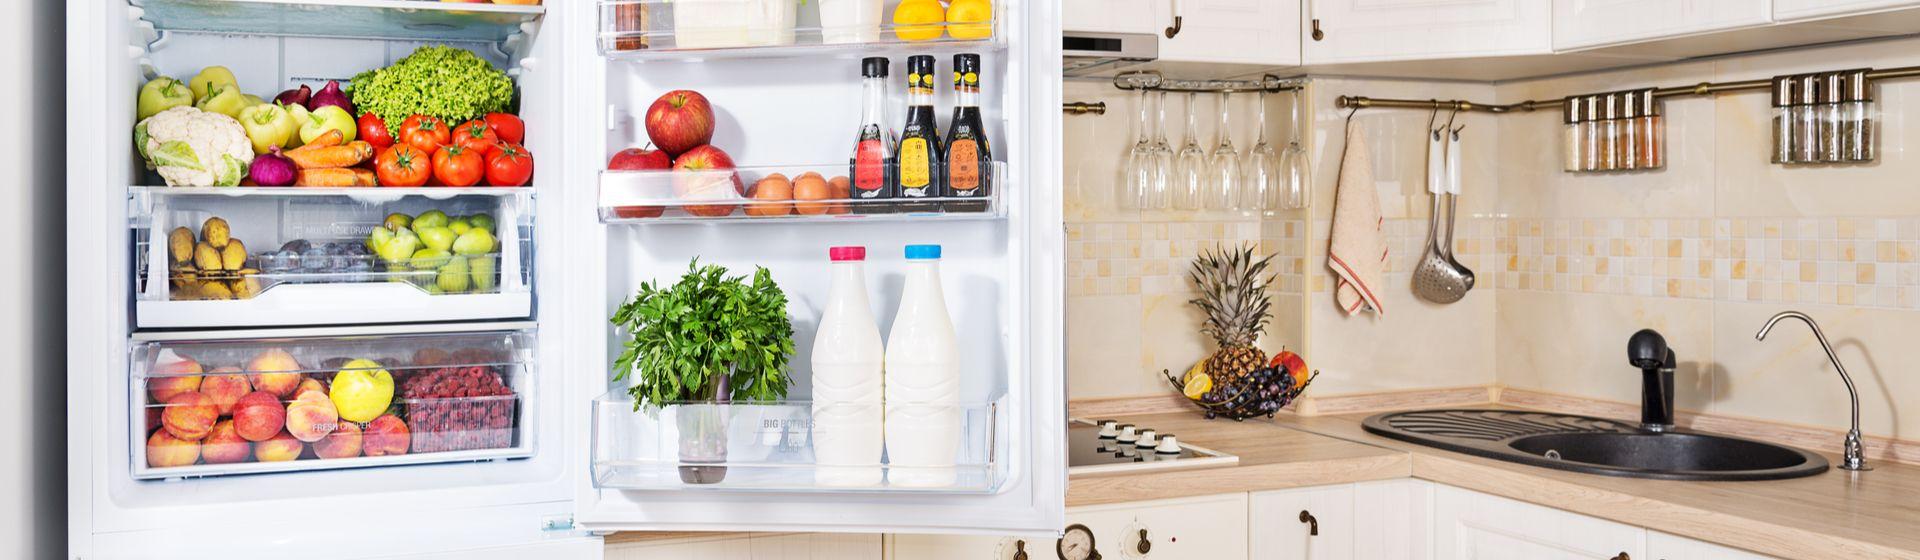 Melhor geladeira Panasonic 2021: conheça os modelos